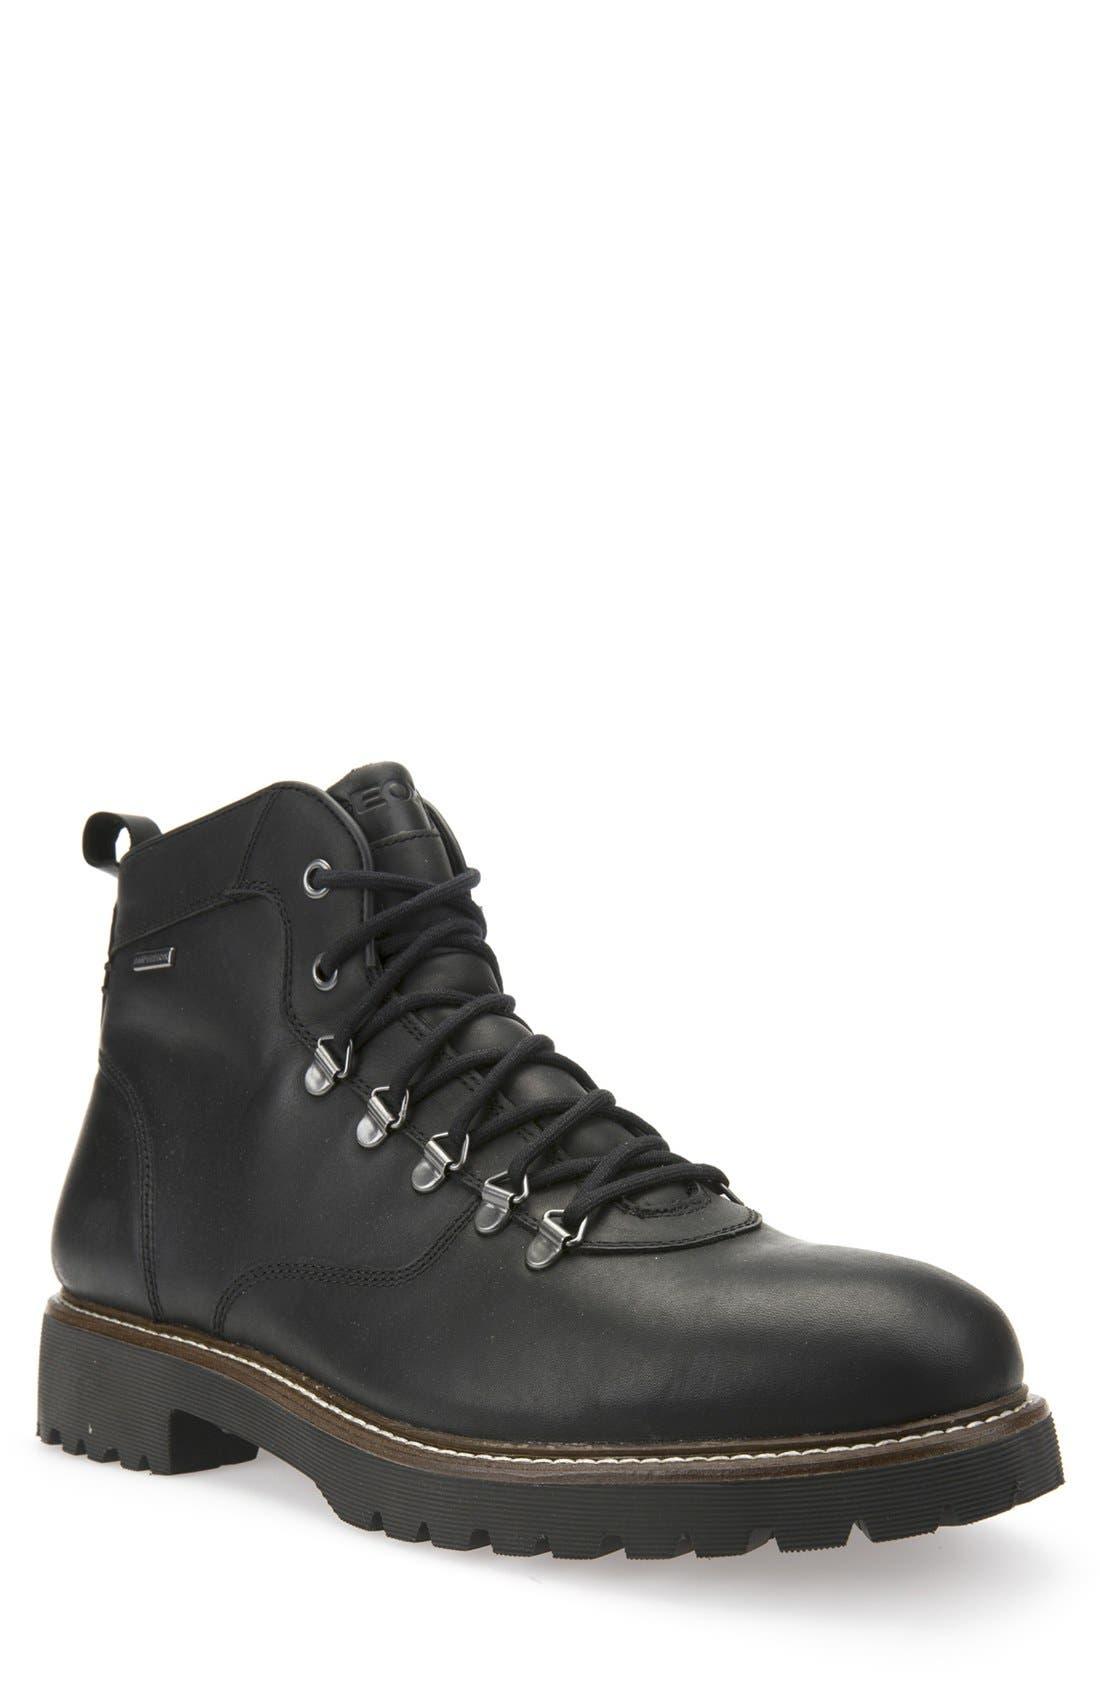 Geox Kieven Mid ABX Waterproof Plain Toe Boot (Men)